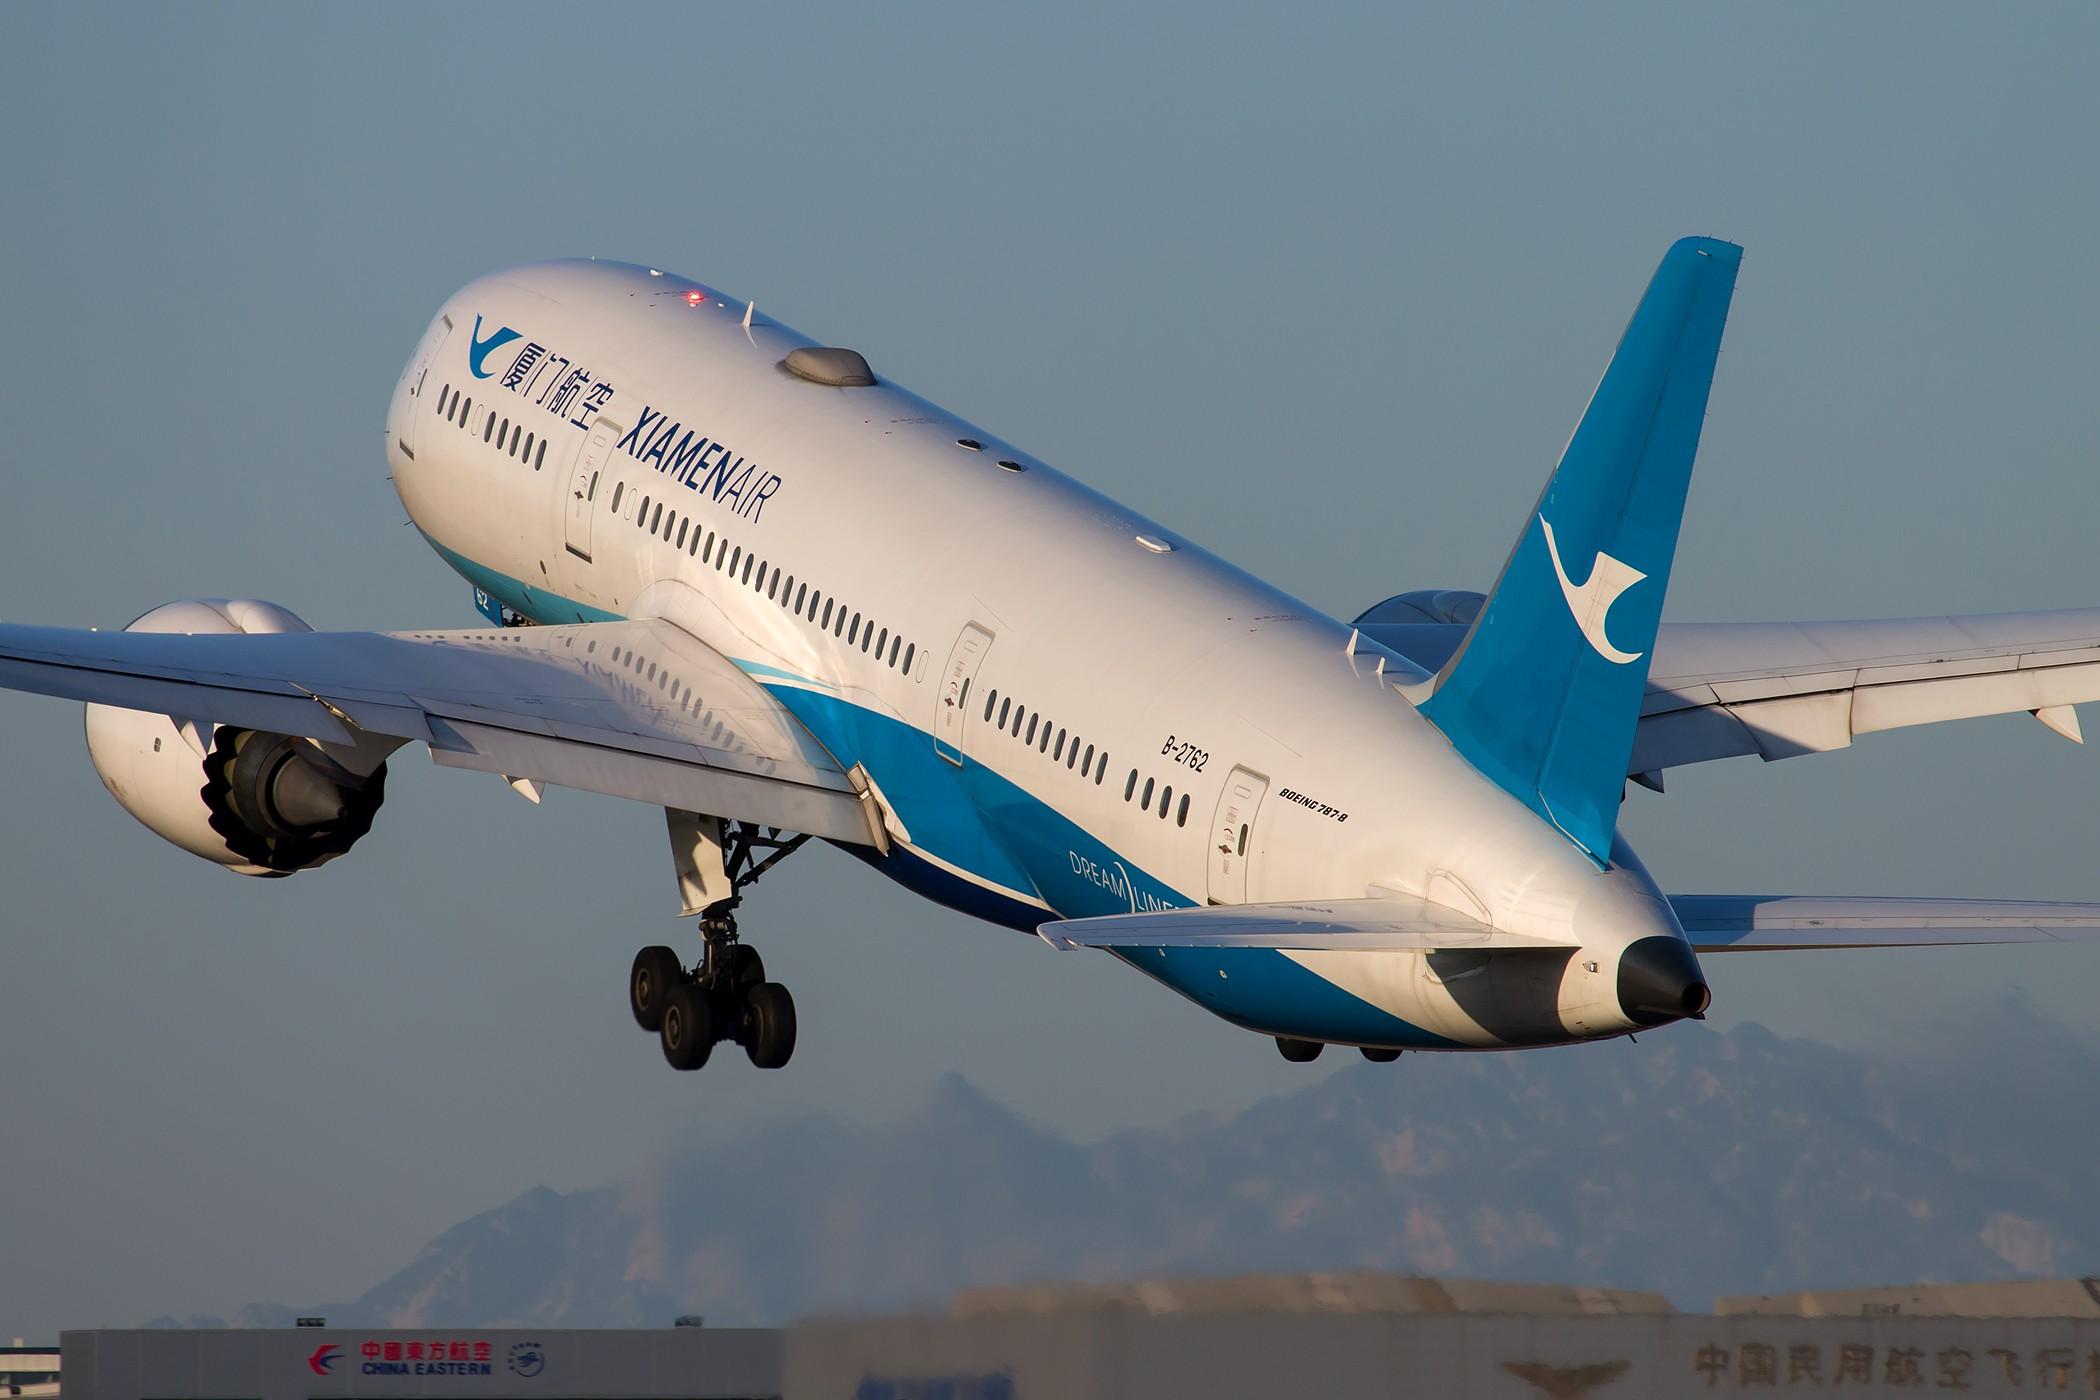 [原创][一图党] 厦门航空 B-2762 B787-8 Dreamliner 2100*1400 BOEING 787-8 B-2762 中国北京首都国际机场